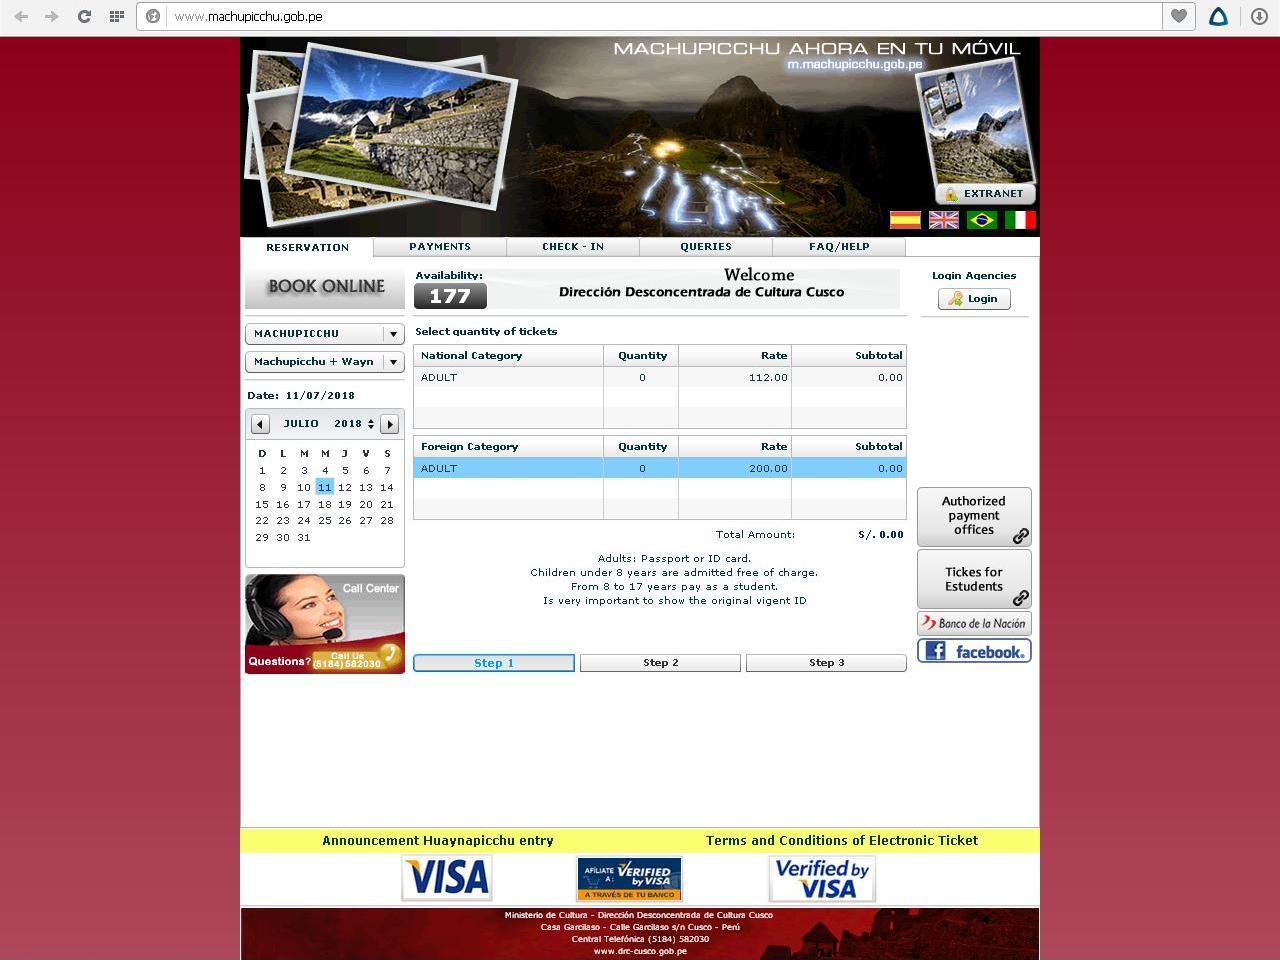 Купить онлайн билет в Мачу-Пикчу